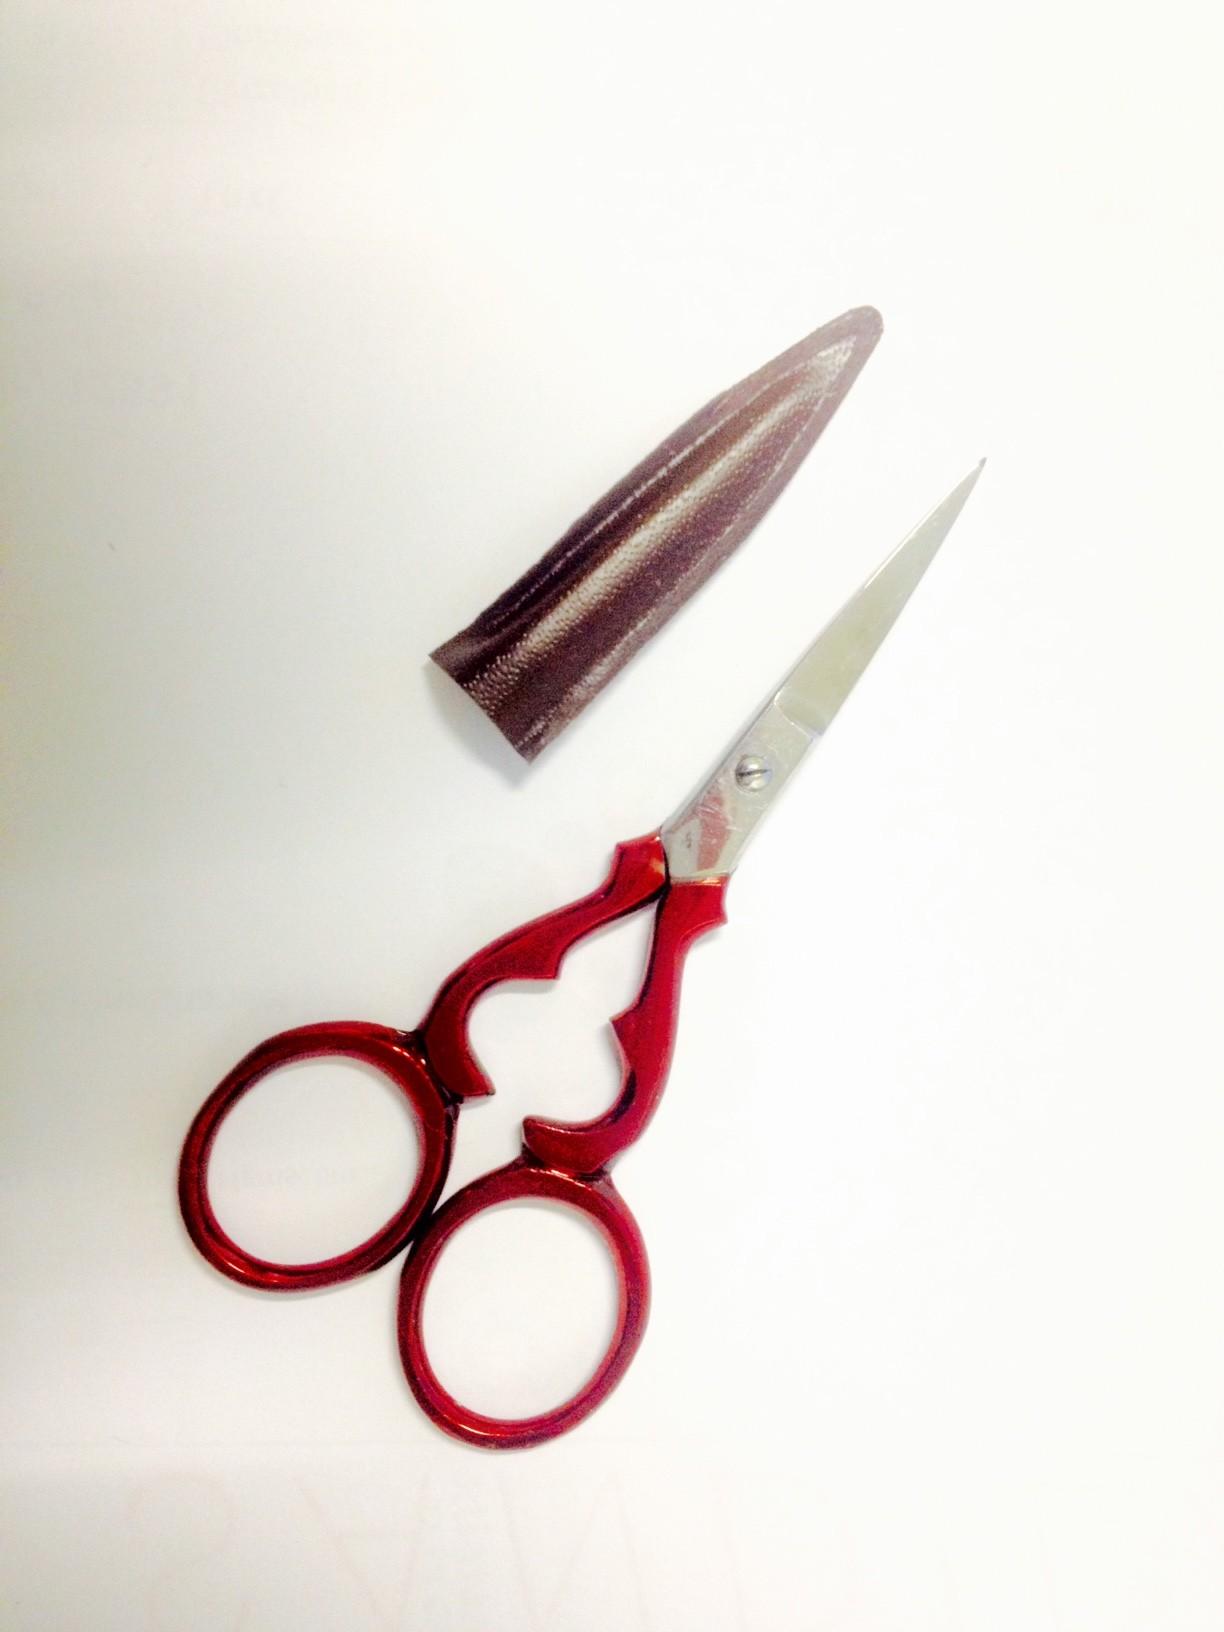 Qualitäts Stickschere  9 cm mit Schutzhülle Schere fein spitz